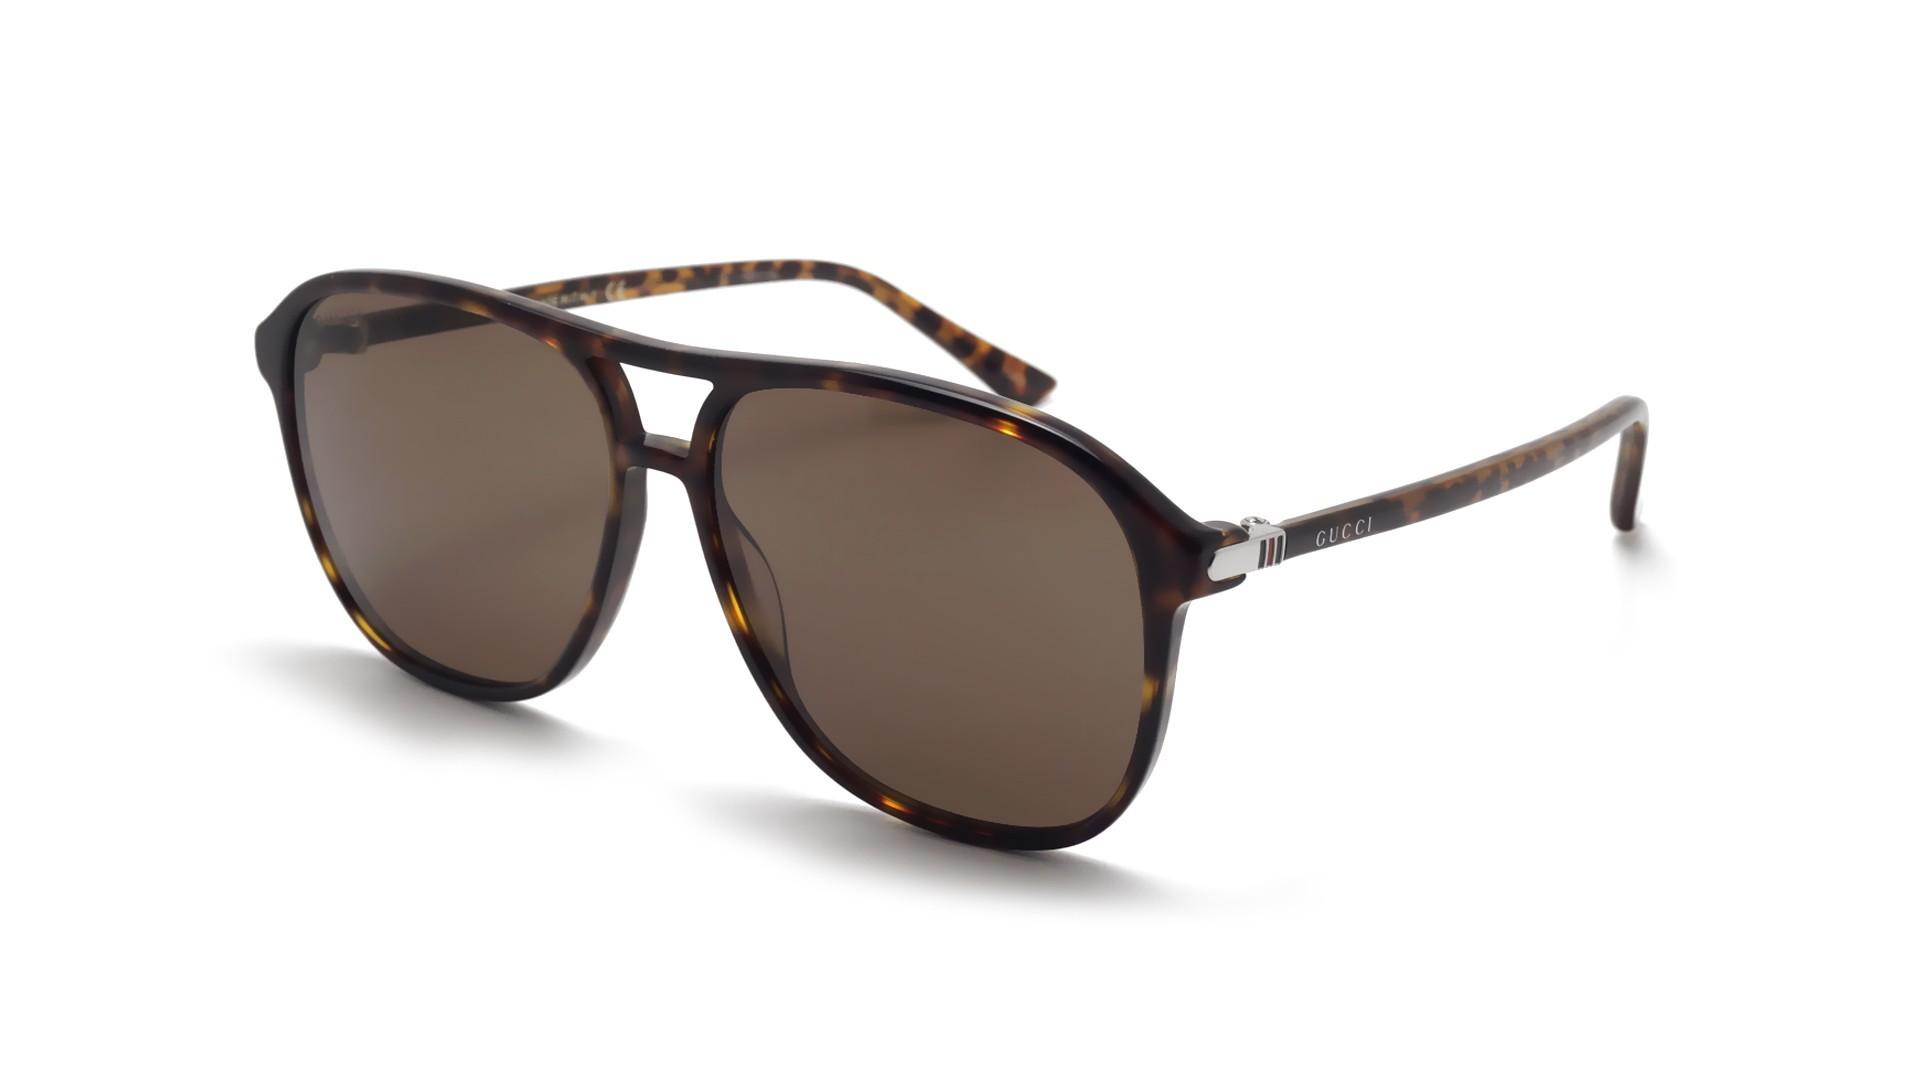 e2c54df64e8 Sunglasses Gucci GG0016S 003 58-14 Tortoise Large Gradient